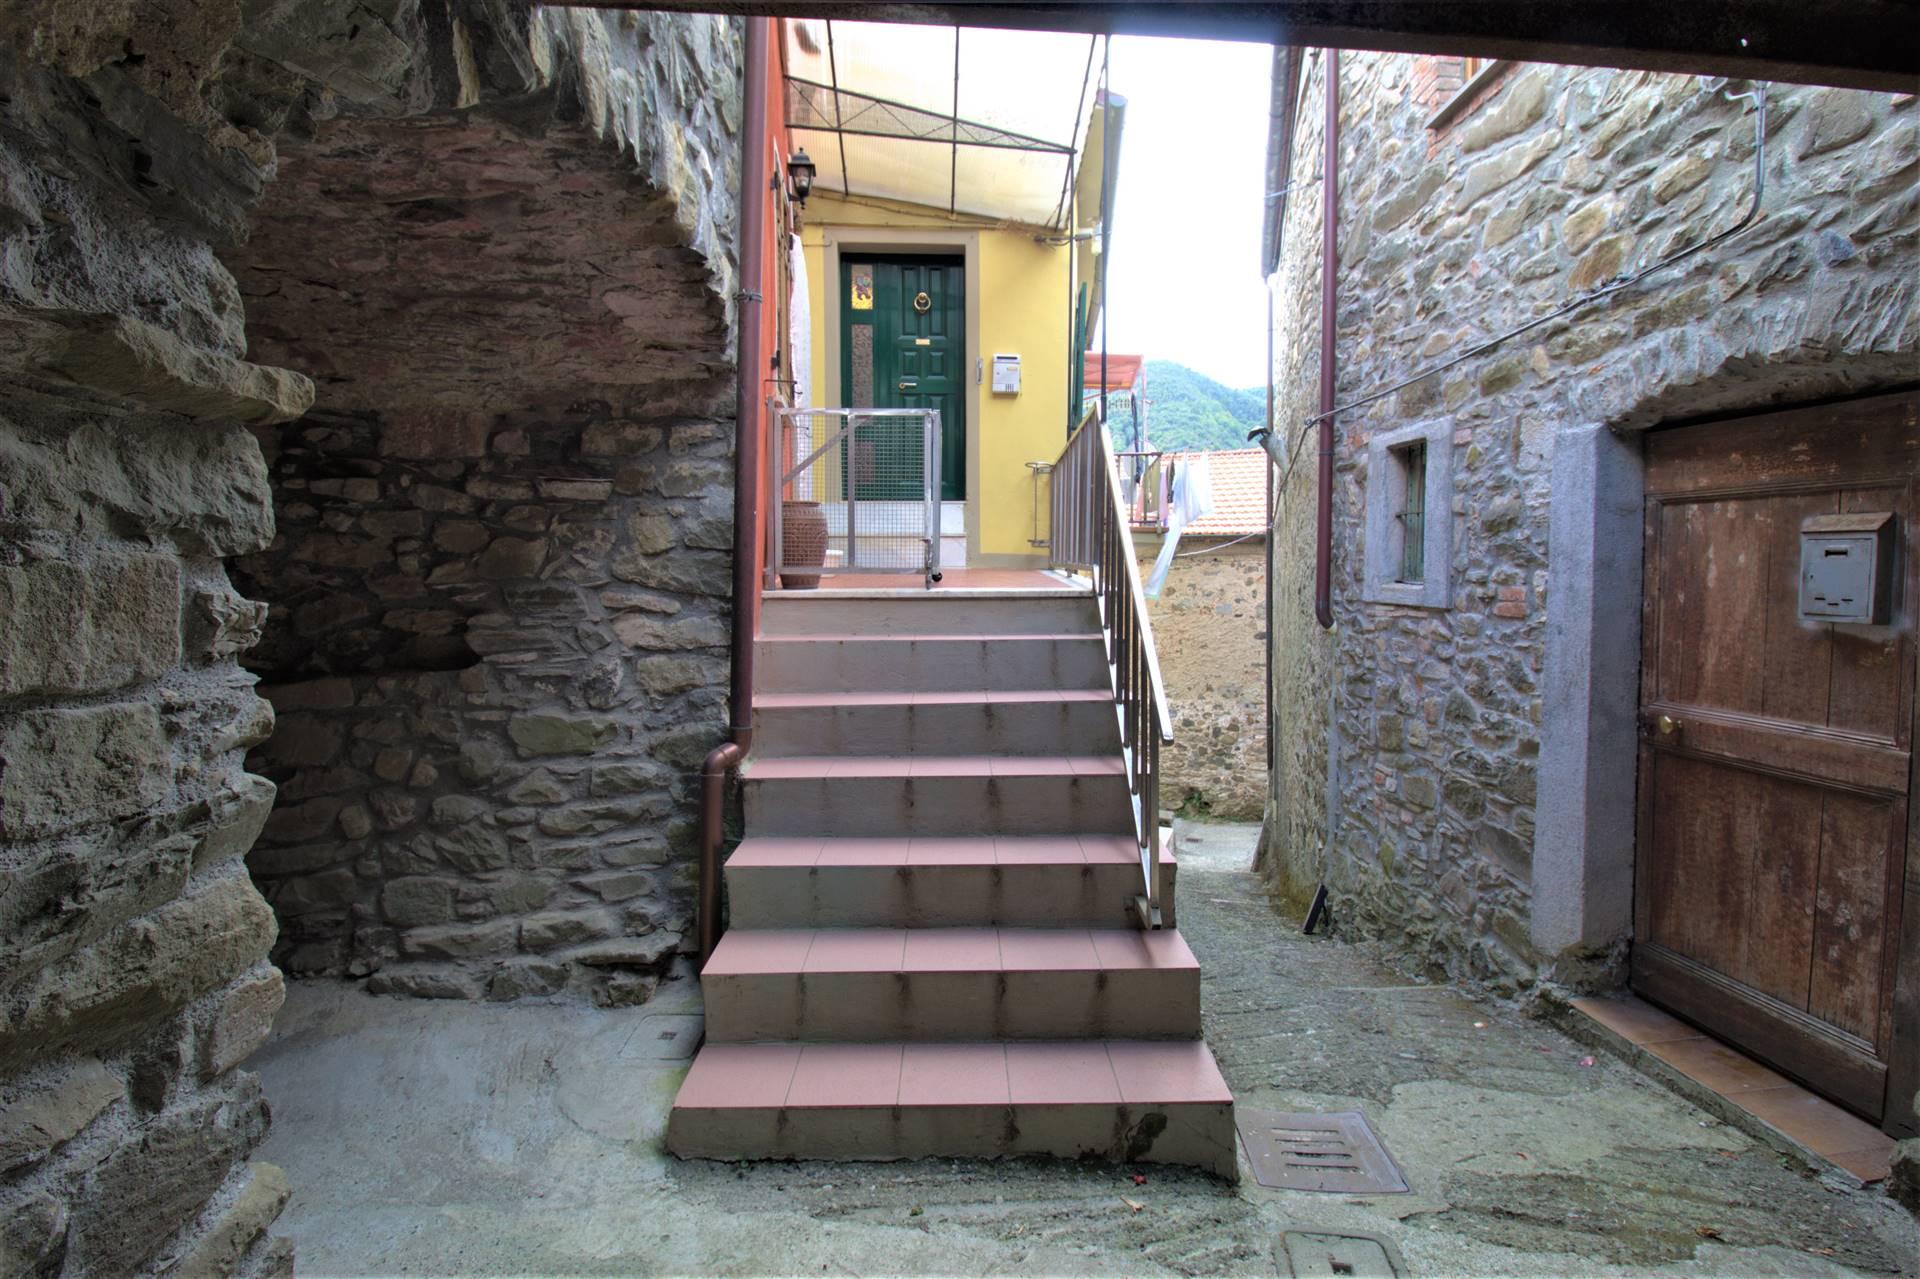 Appartamento in vendita a Aulla, 5 locali, zona la, prezzo € 58.000 | PortaleAgenzieImmobiliari.it